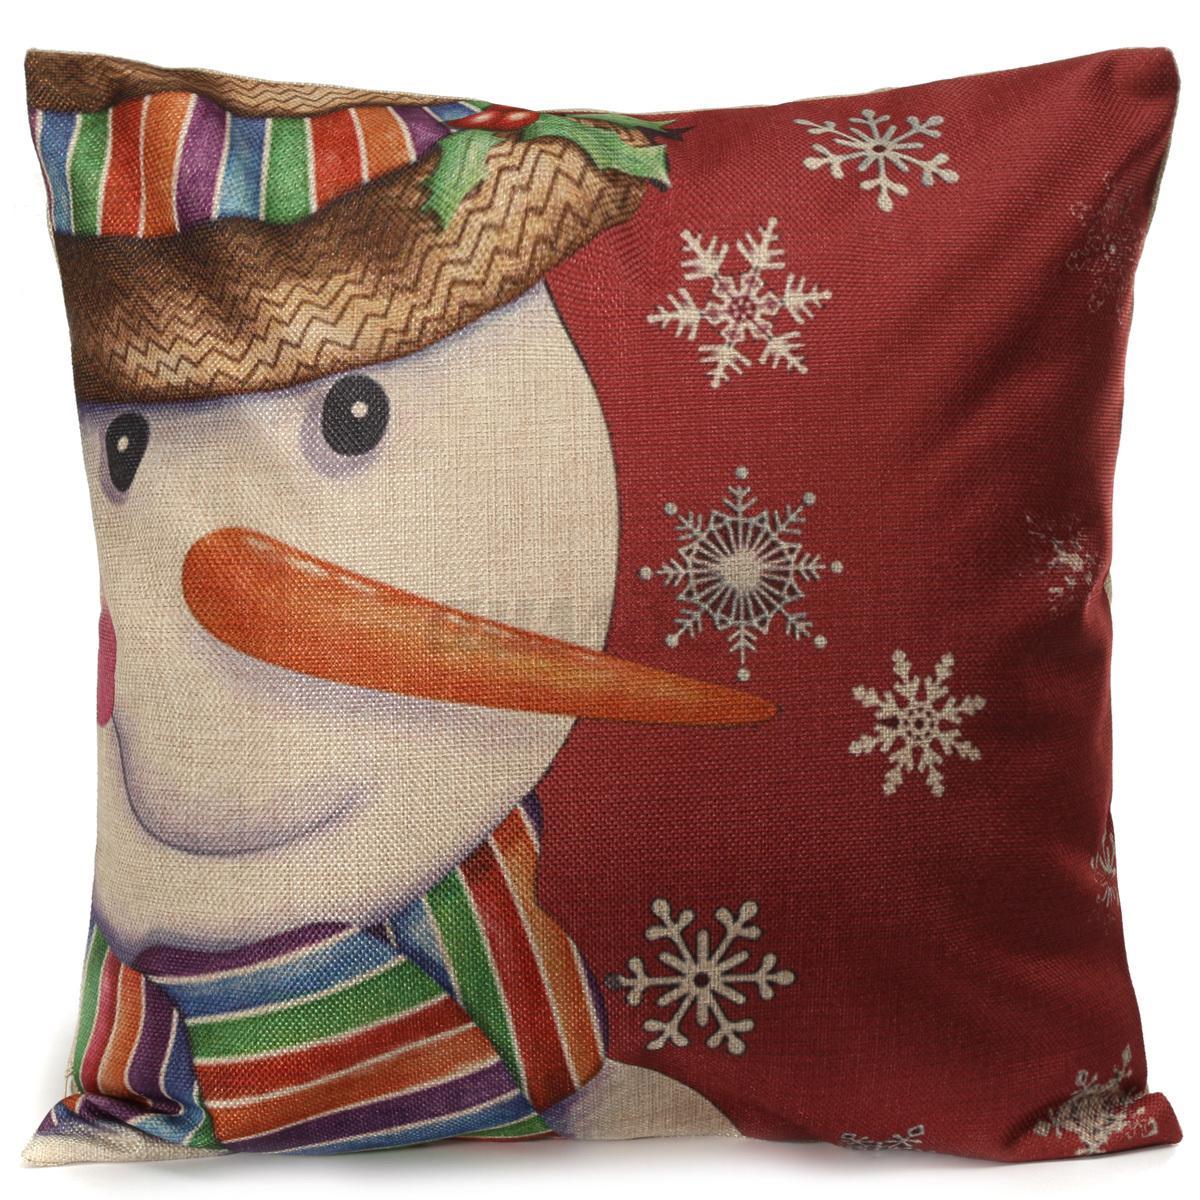 Christmas Xmas Linen Cushion Cover Throw Pillow Case Home: Vintage Cotton Linen Throw Pillow Case Xmas Cushion Cover